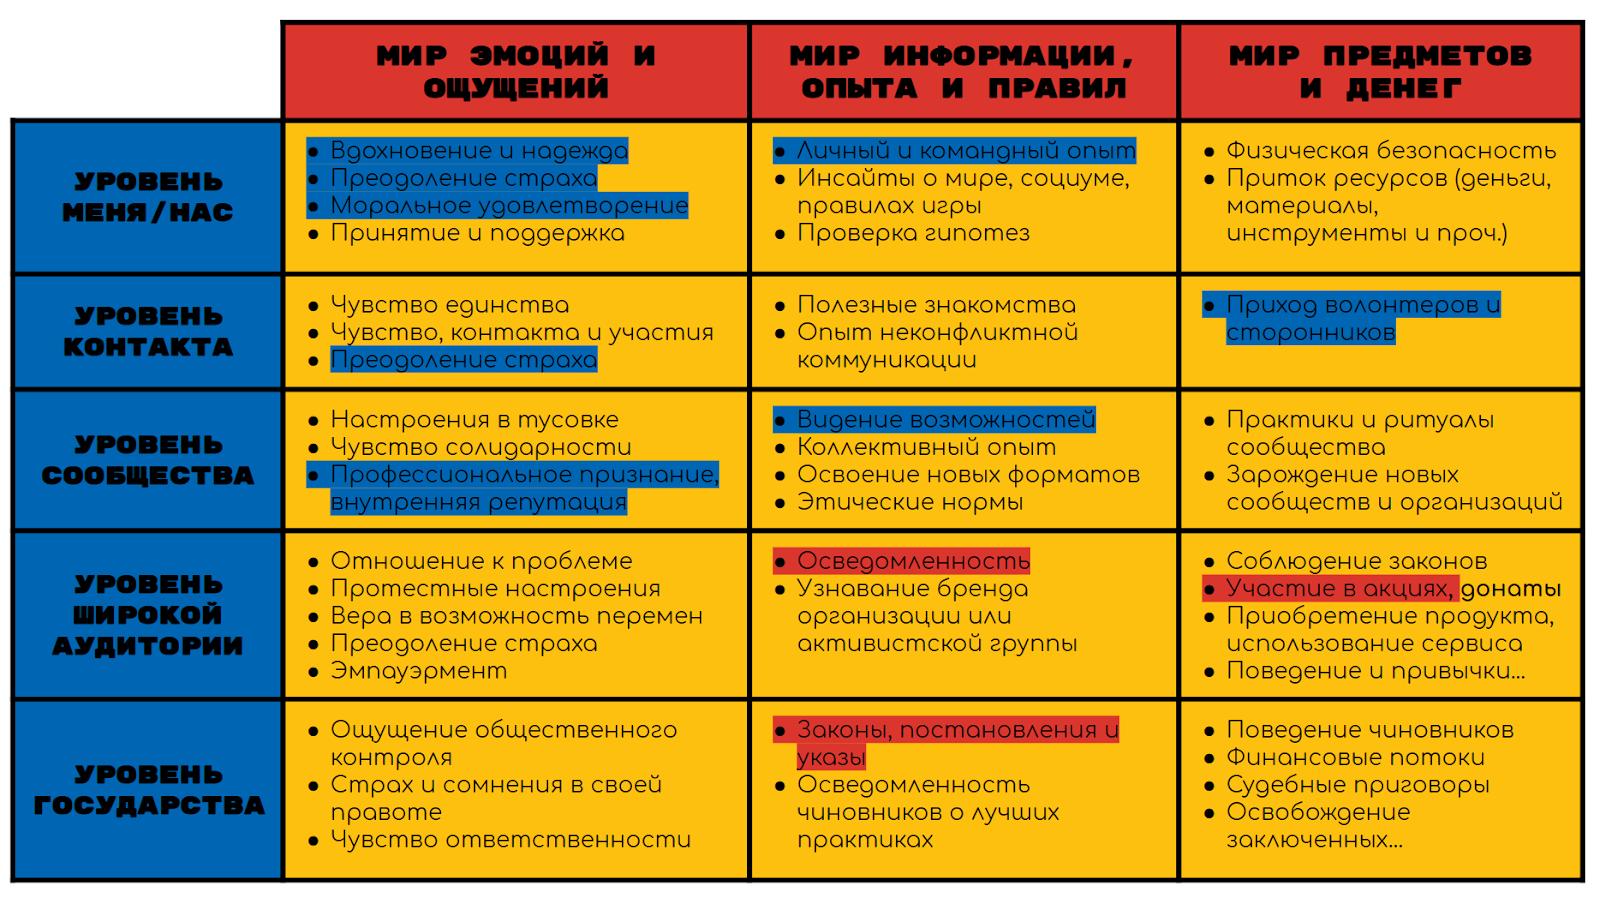 Изображение: Пример матрицы эффективности кампании, Мария Середа.